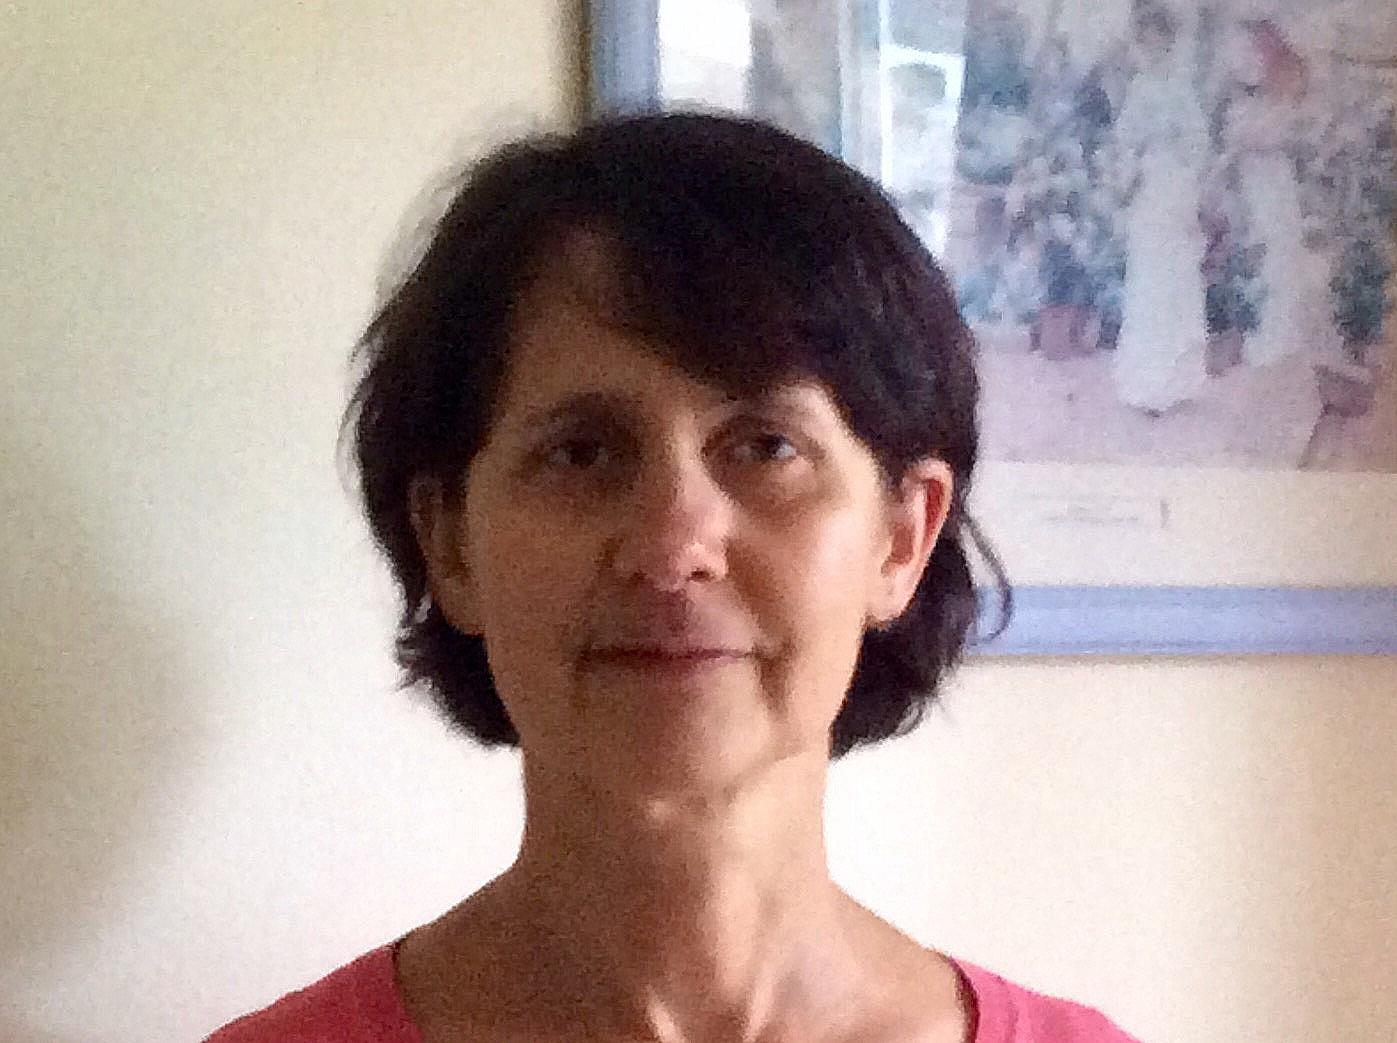 Ms. Christine Tutor